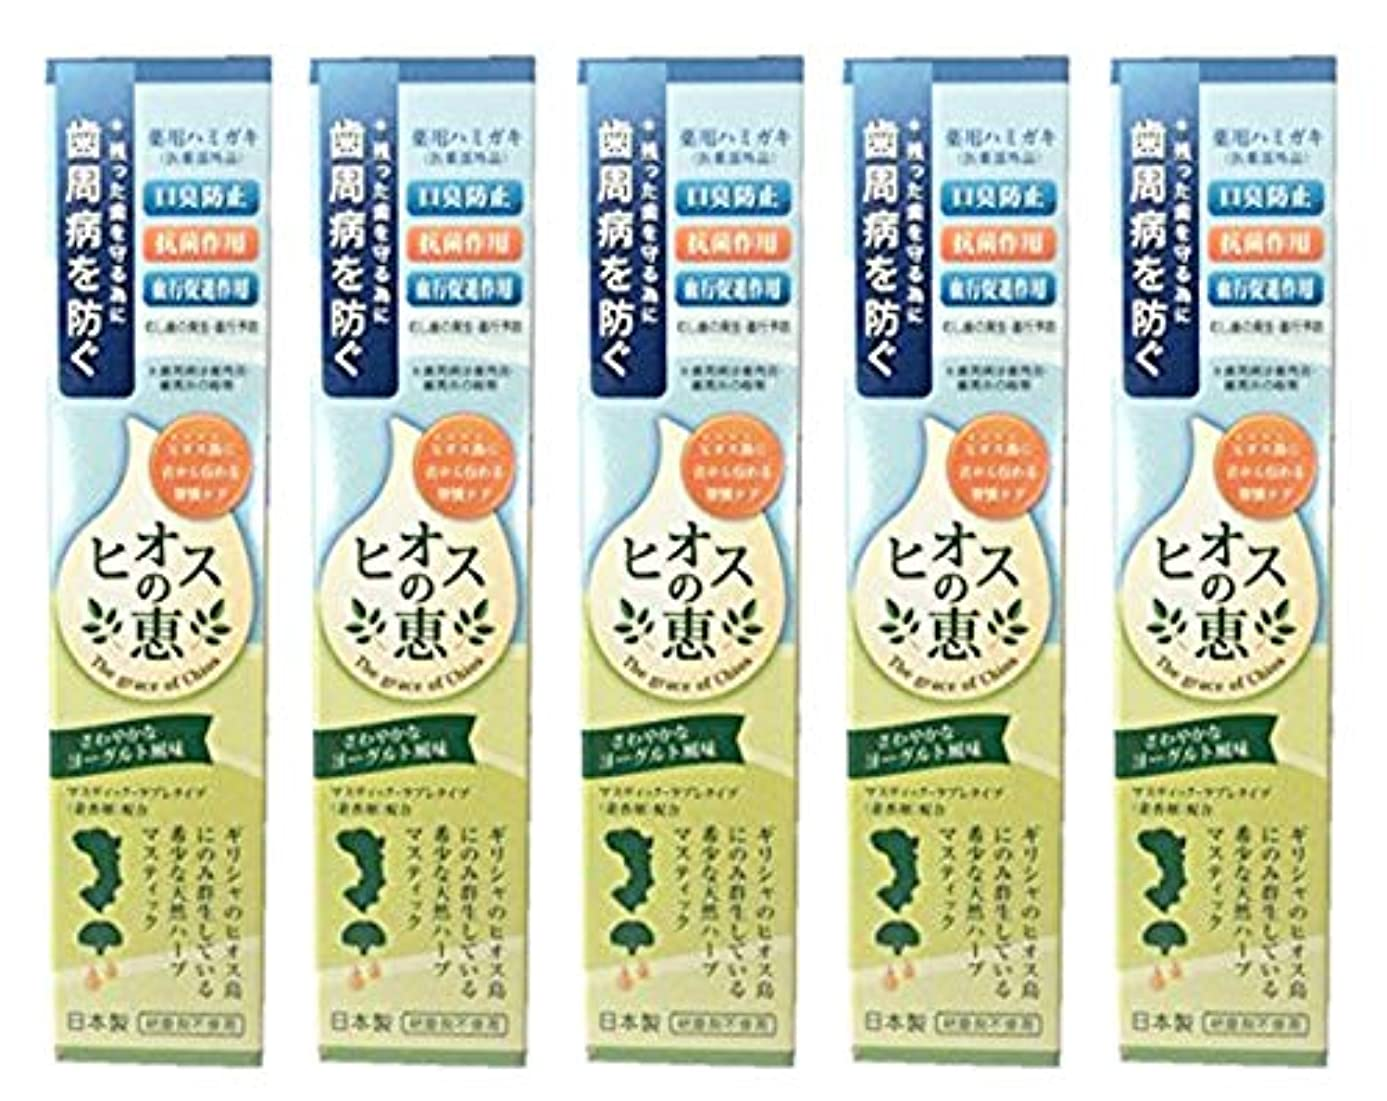 超える溶岩安定したヒオスの恵 60g 【まとめ買い1個60g×5個】薬用ハミガキ 日本製